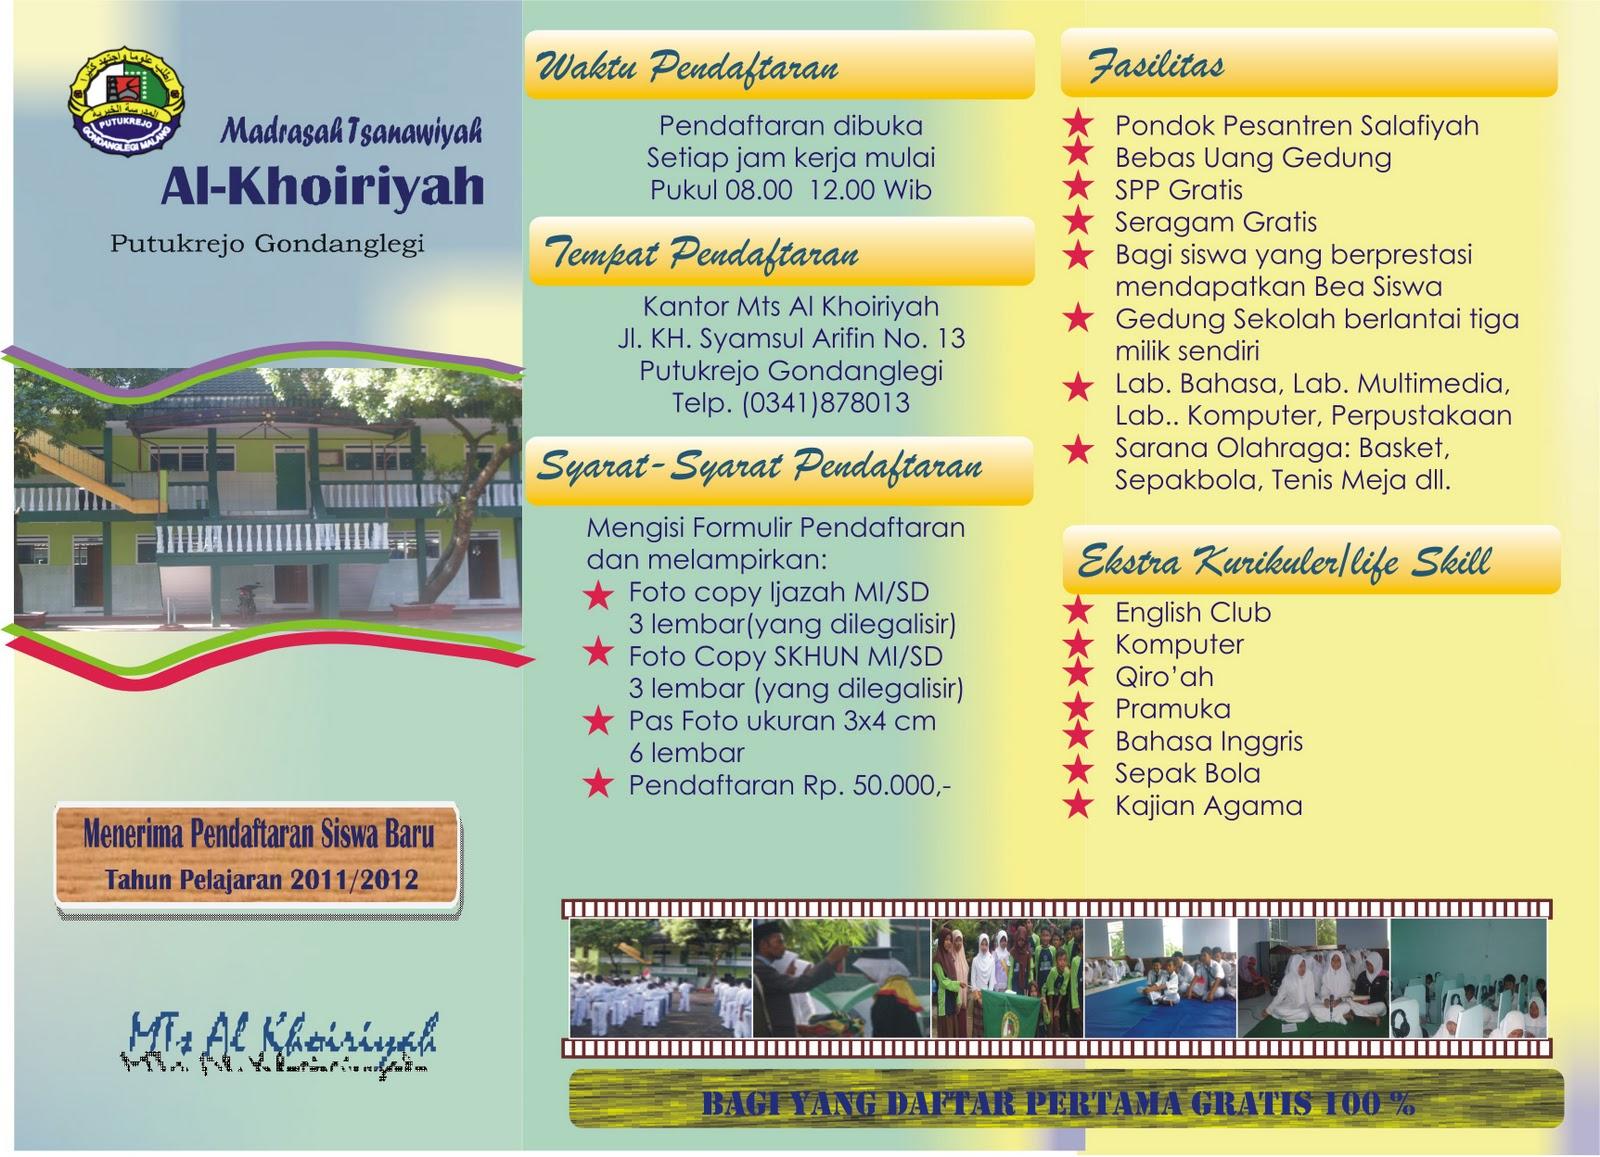 Visi Dan Misi Mts Al Khoiriyah Beserta Brosur Pendaftaran Siswa Baru